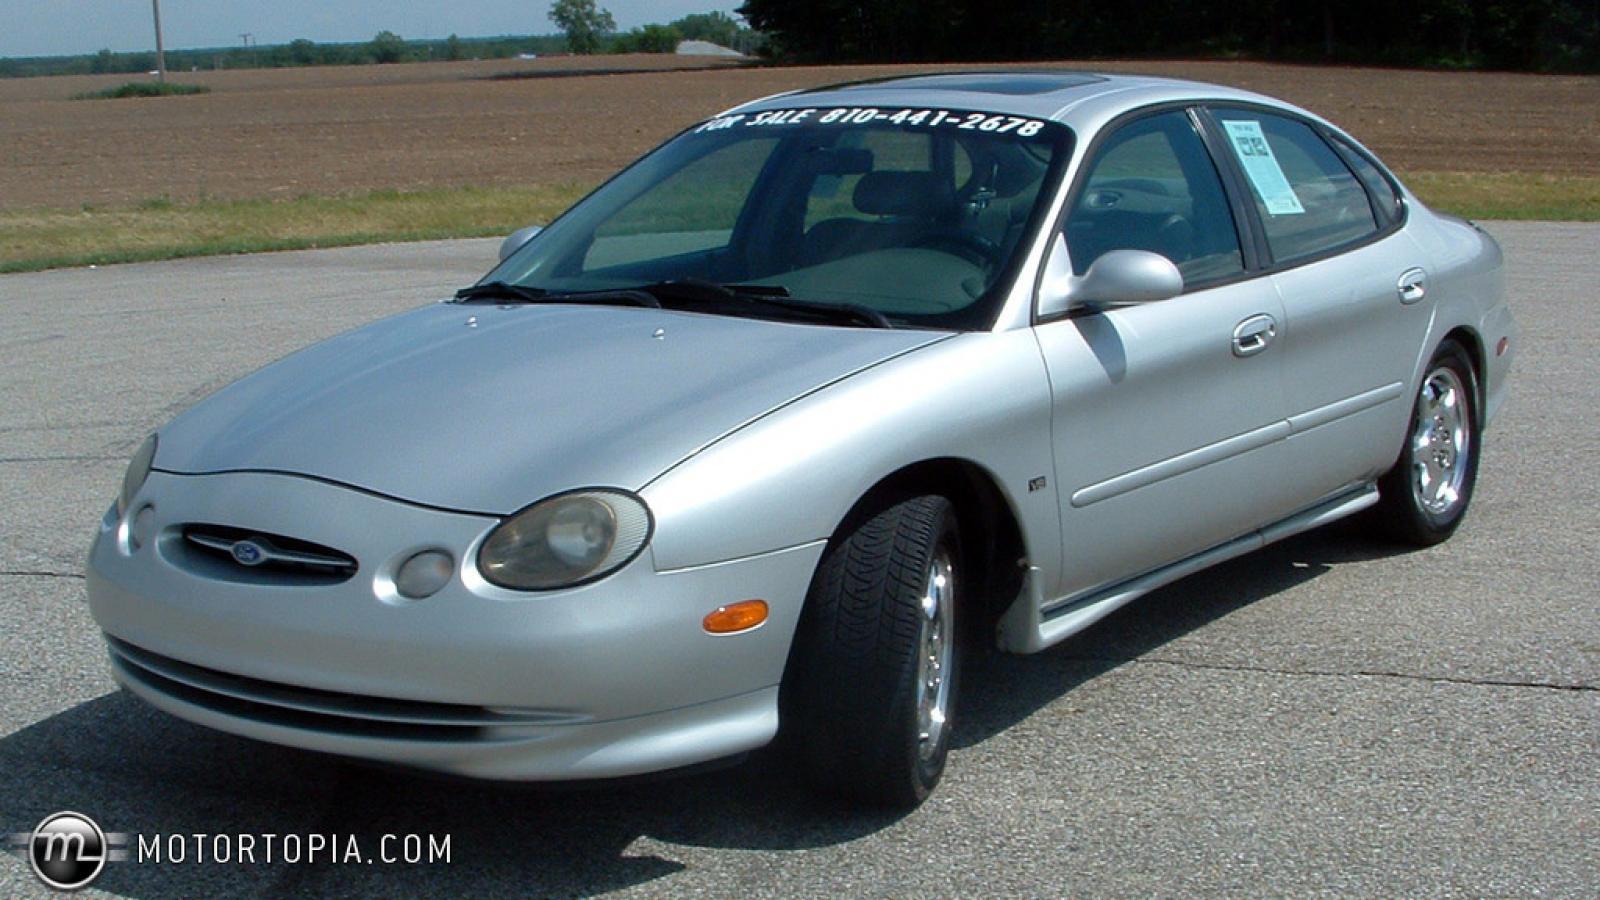 800 1024 1280 1600 origin 1997 ford taurus